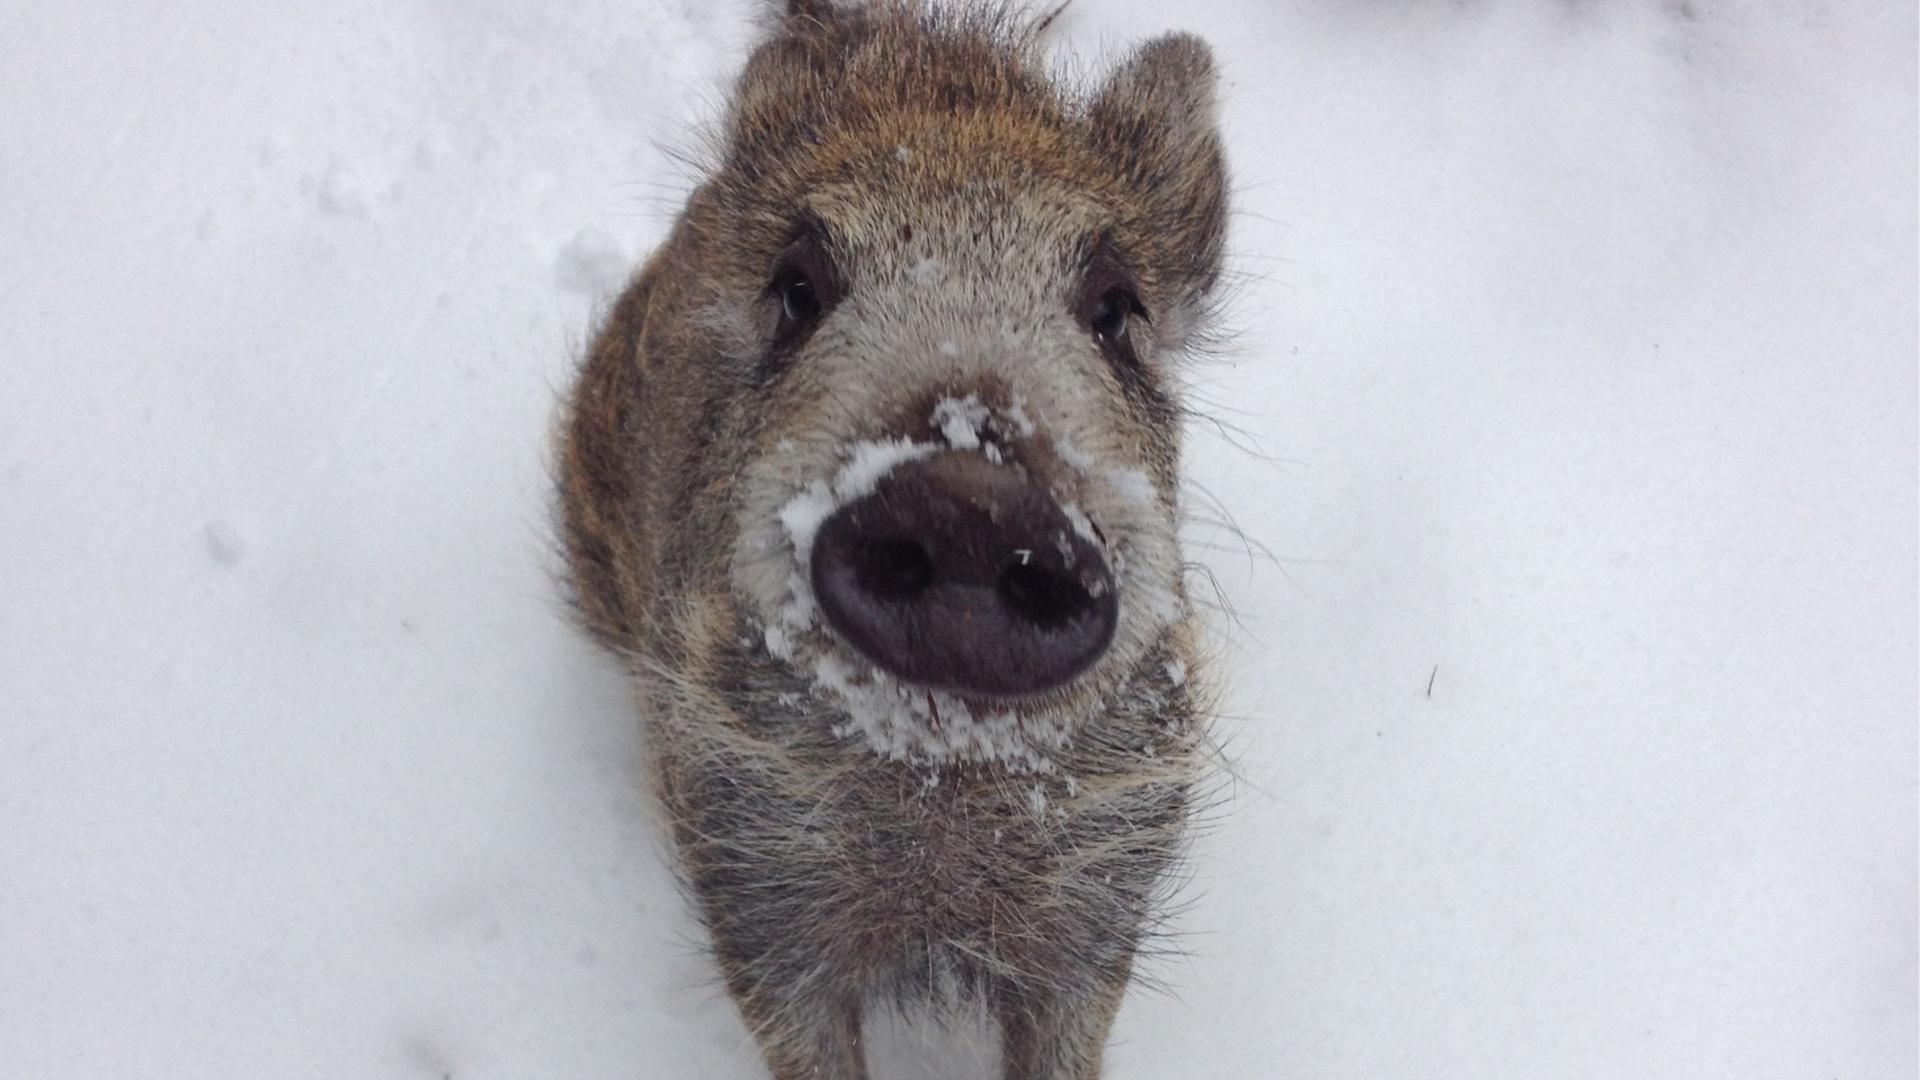 Ein Wildschwein im Schnee.